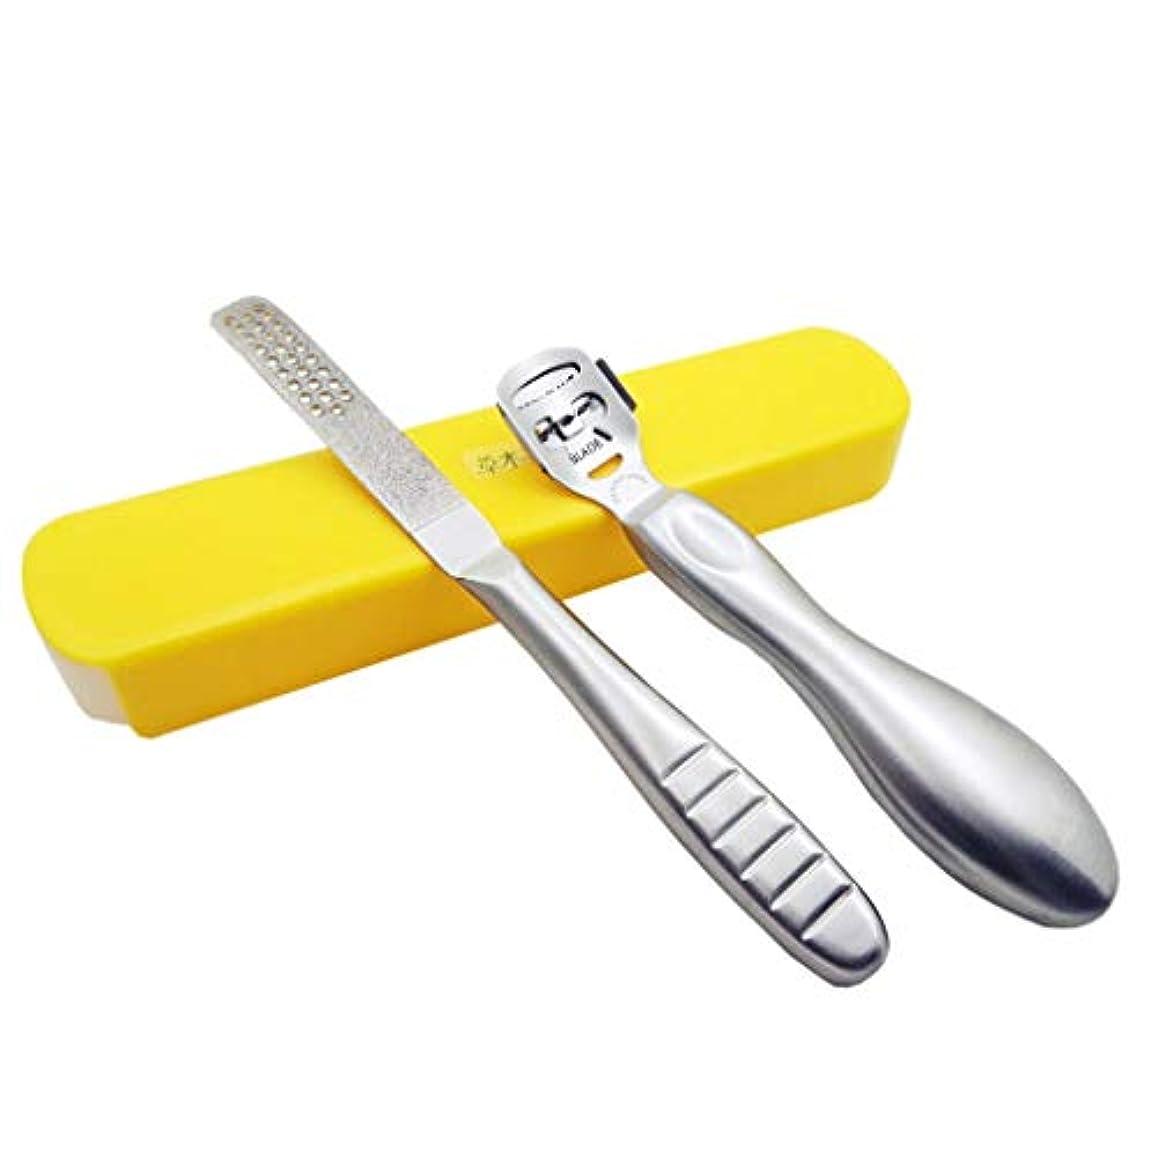 フットファイルとペディキュアセットにより、硬い肌、ステンレス鋼の足首、濡れた足と乾いた足用のフットケアツール